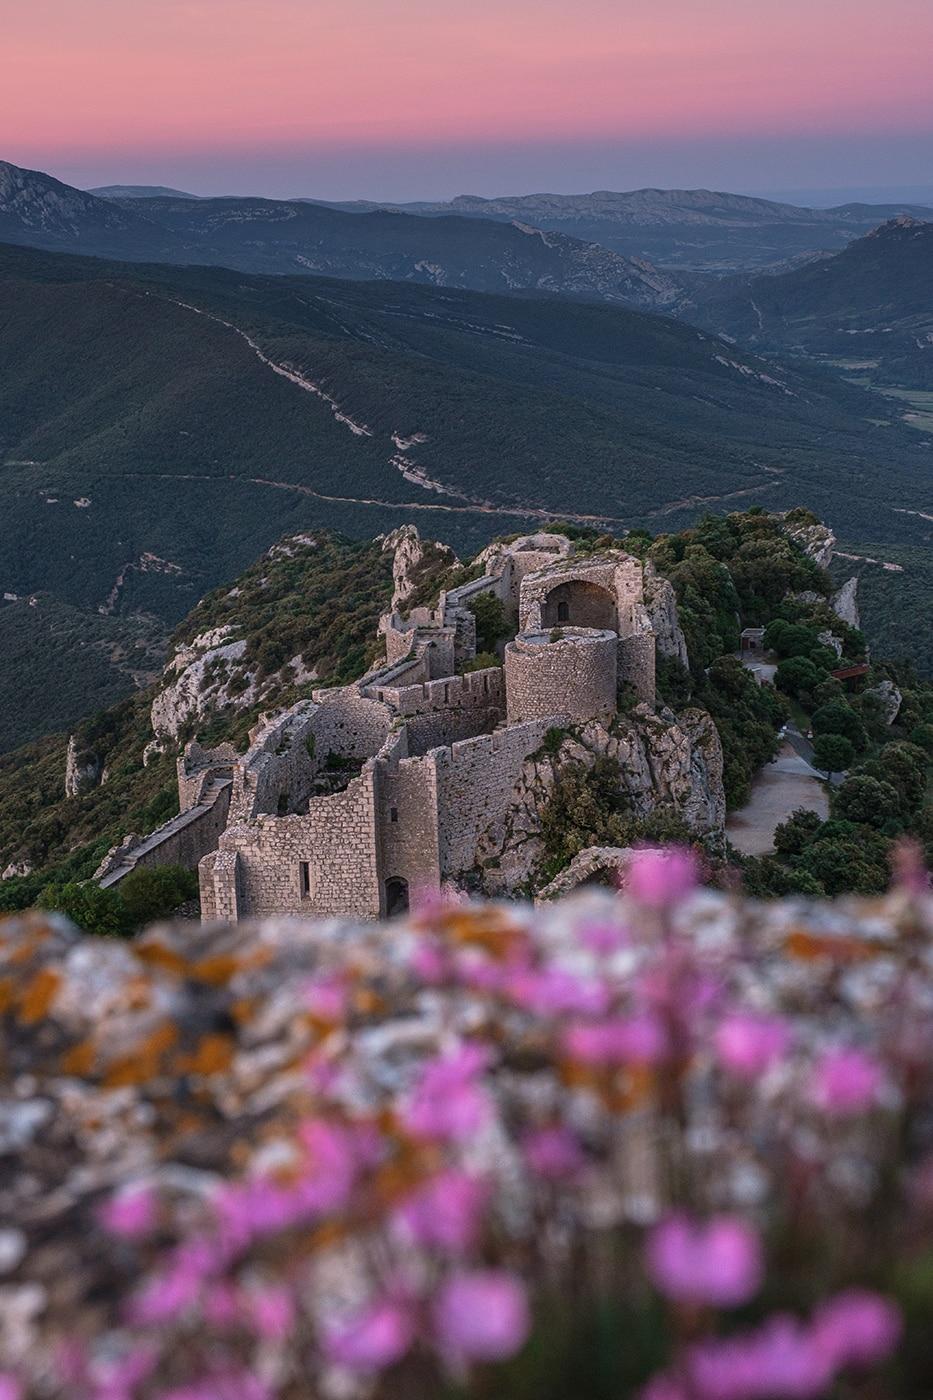 Visiter le Château de Peyrepetuse